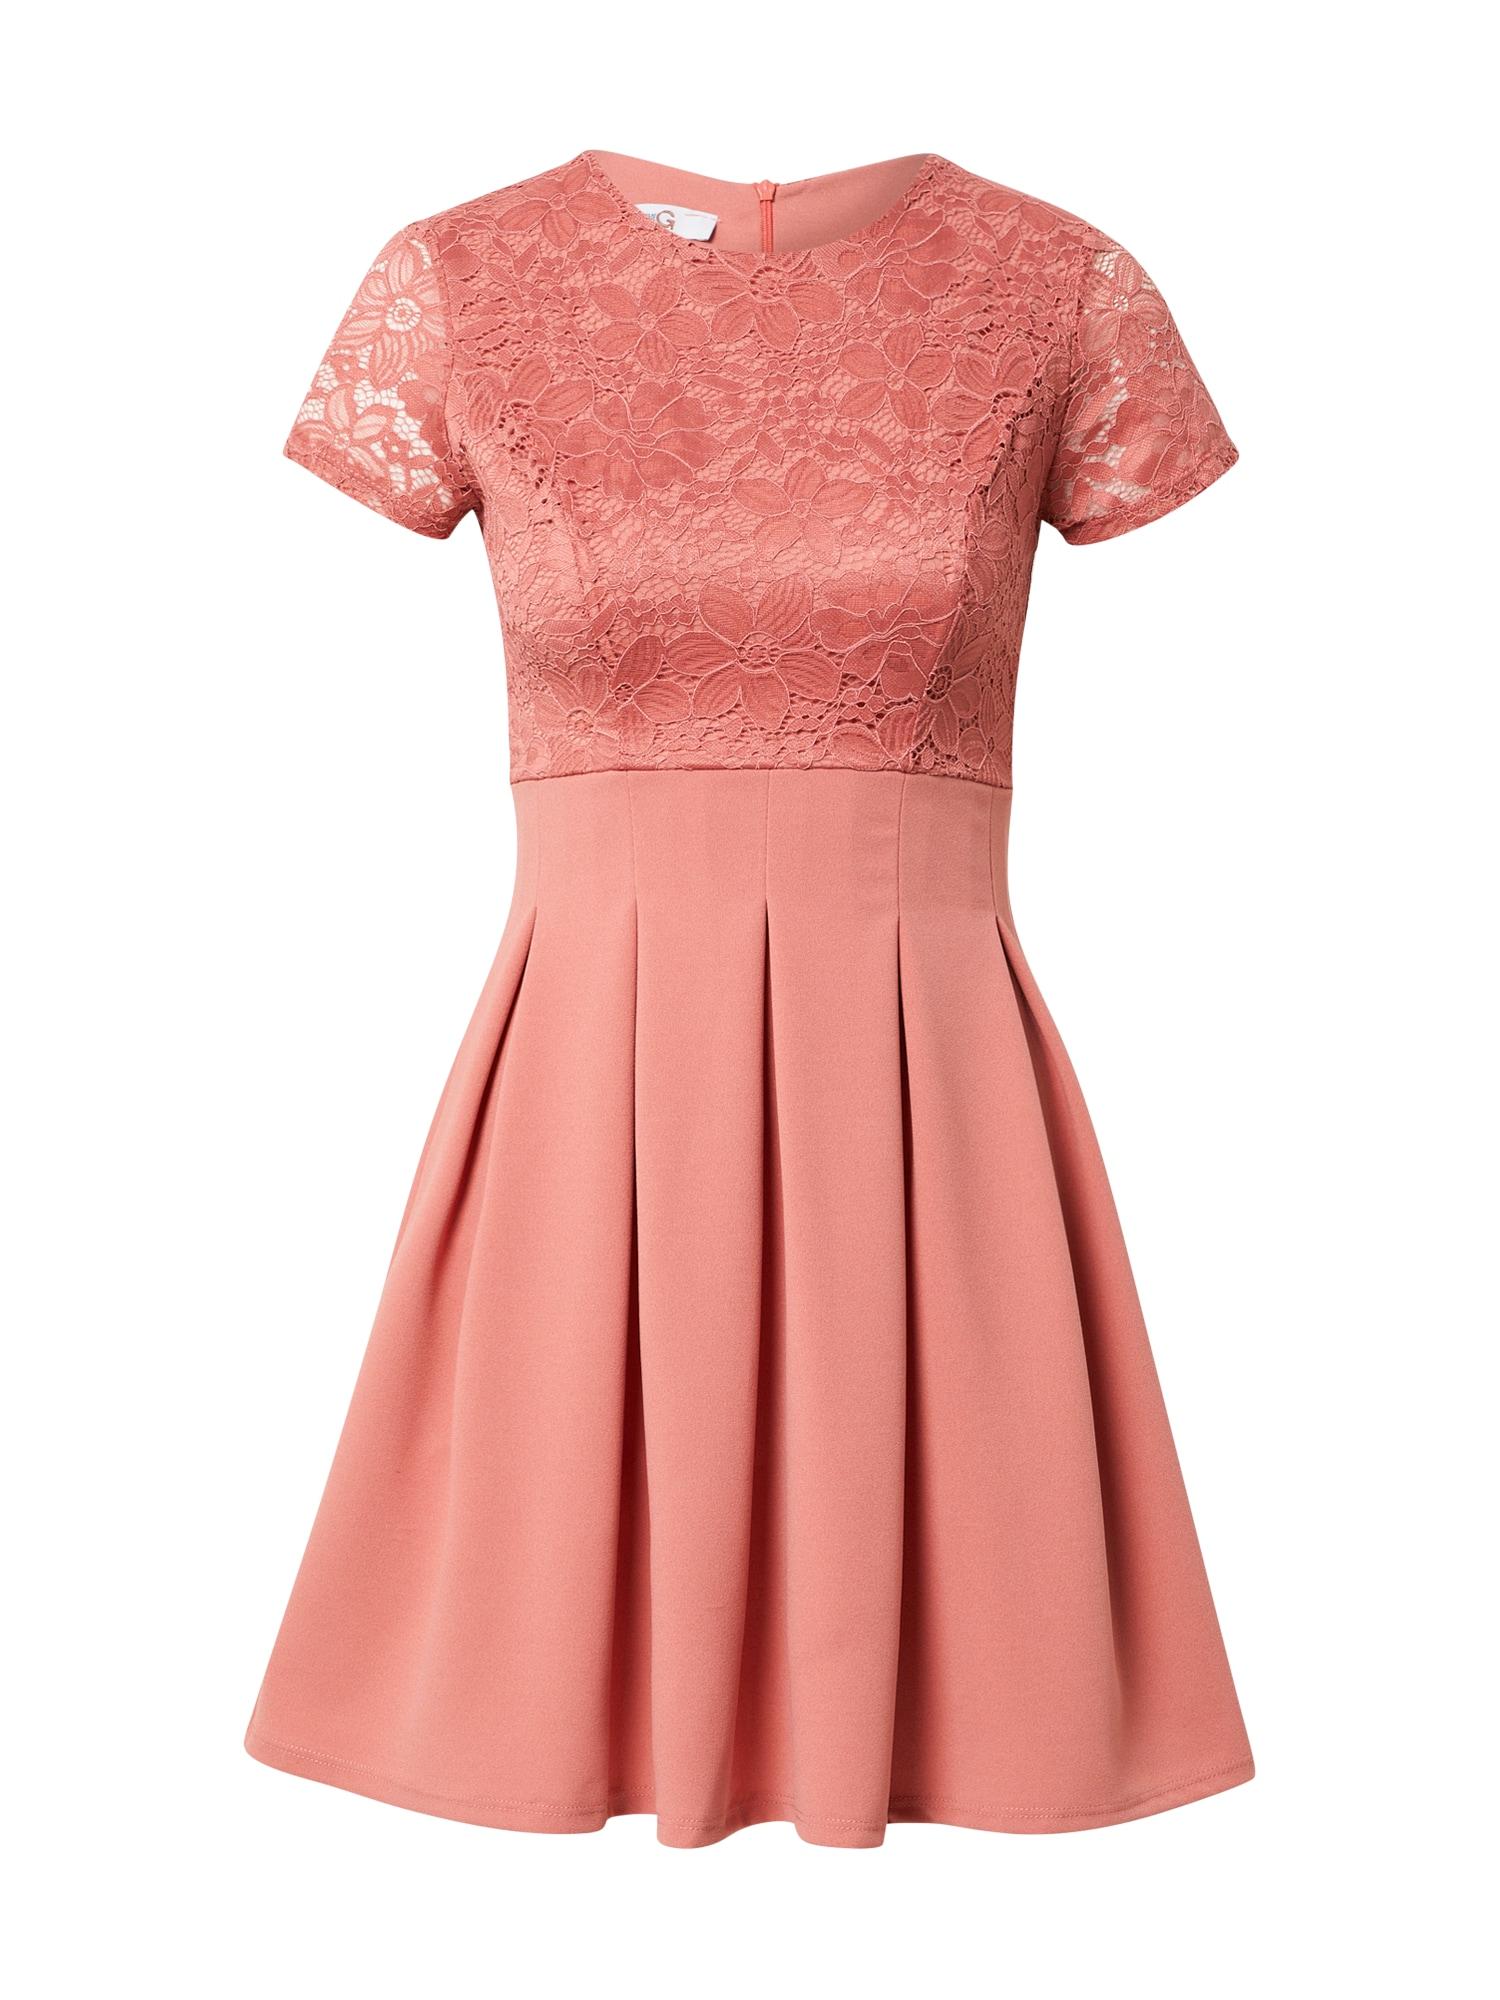 WAL G. Kokteilinė suknelė ryškiai rožinė spalva